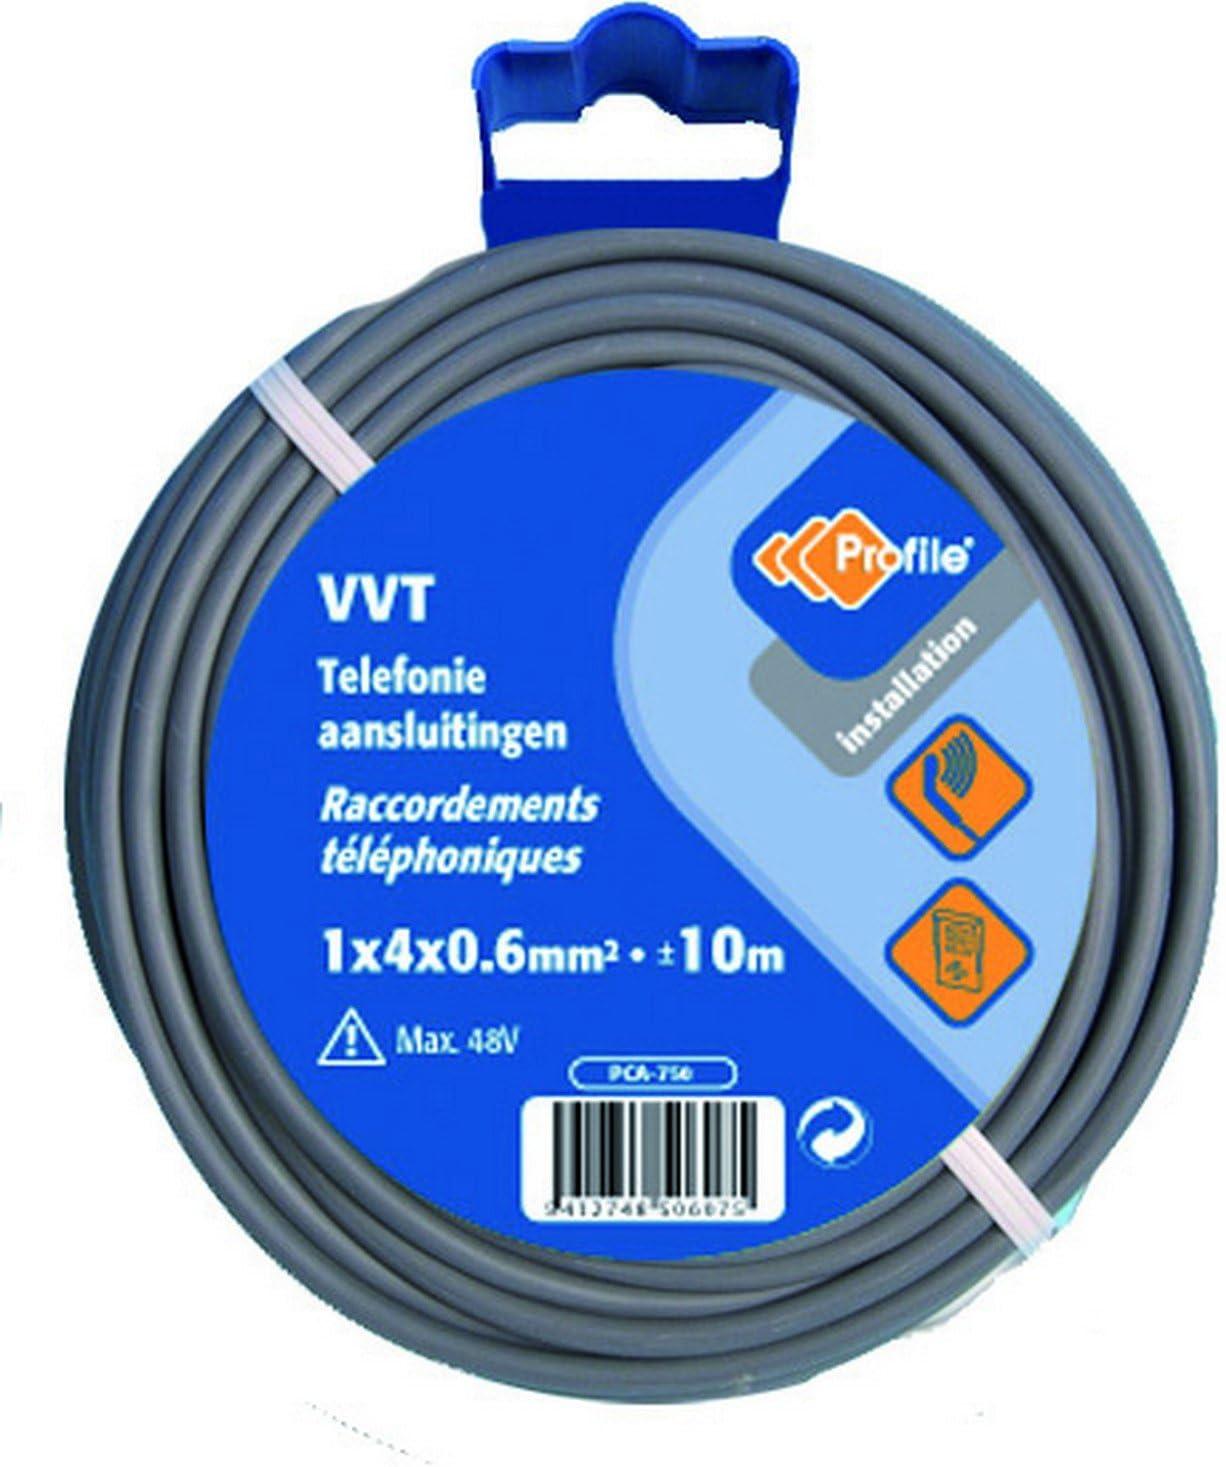 PROFB 790410611 C/âble Vvt 1X4X0.6 T/él/éphone 25 m